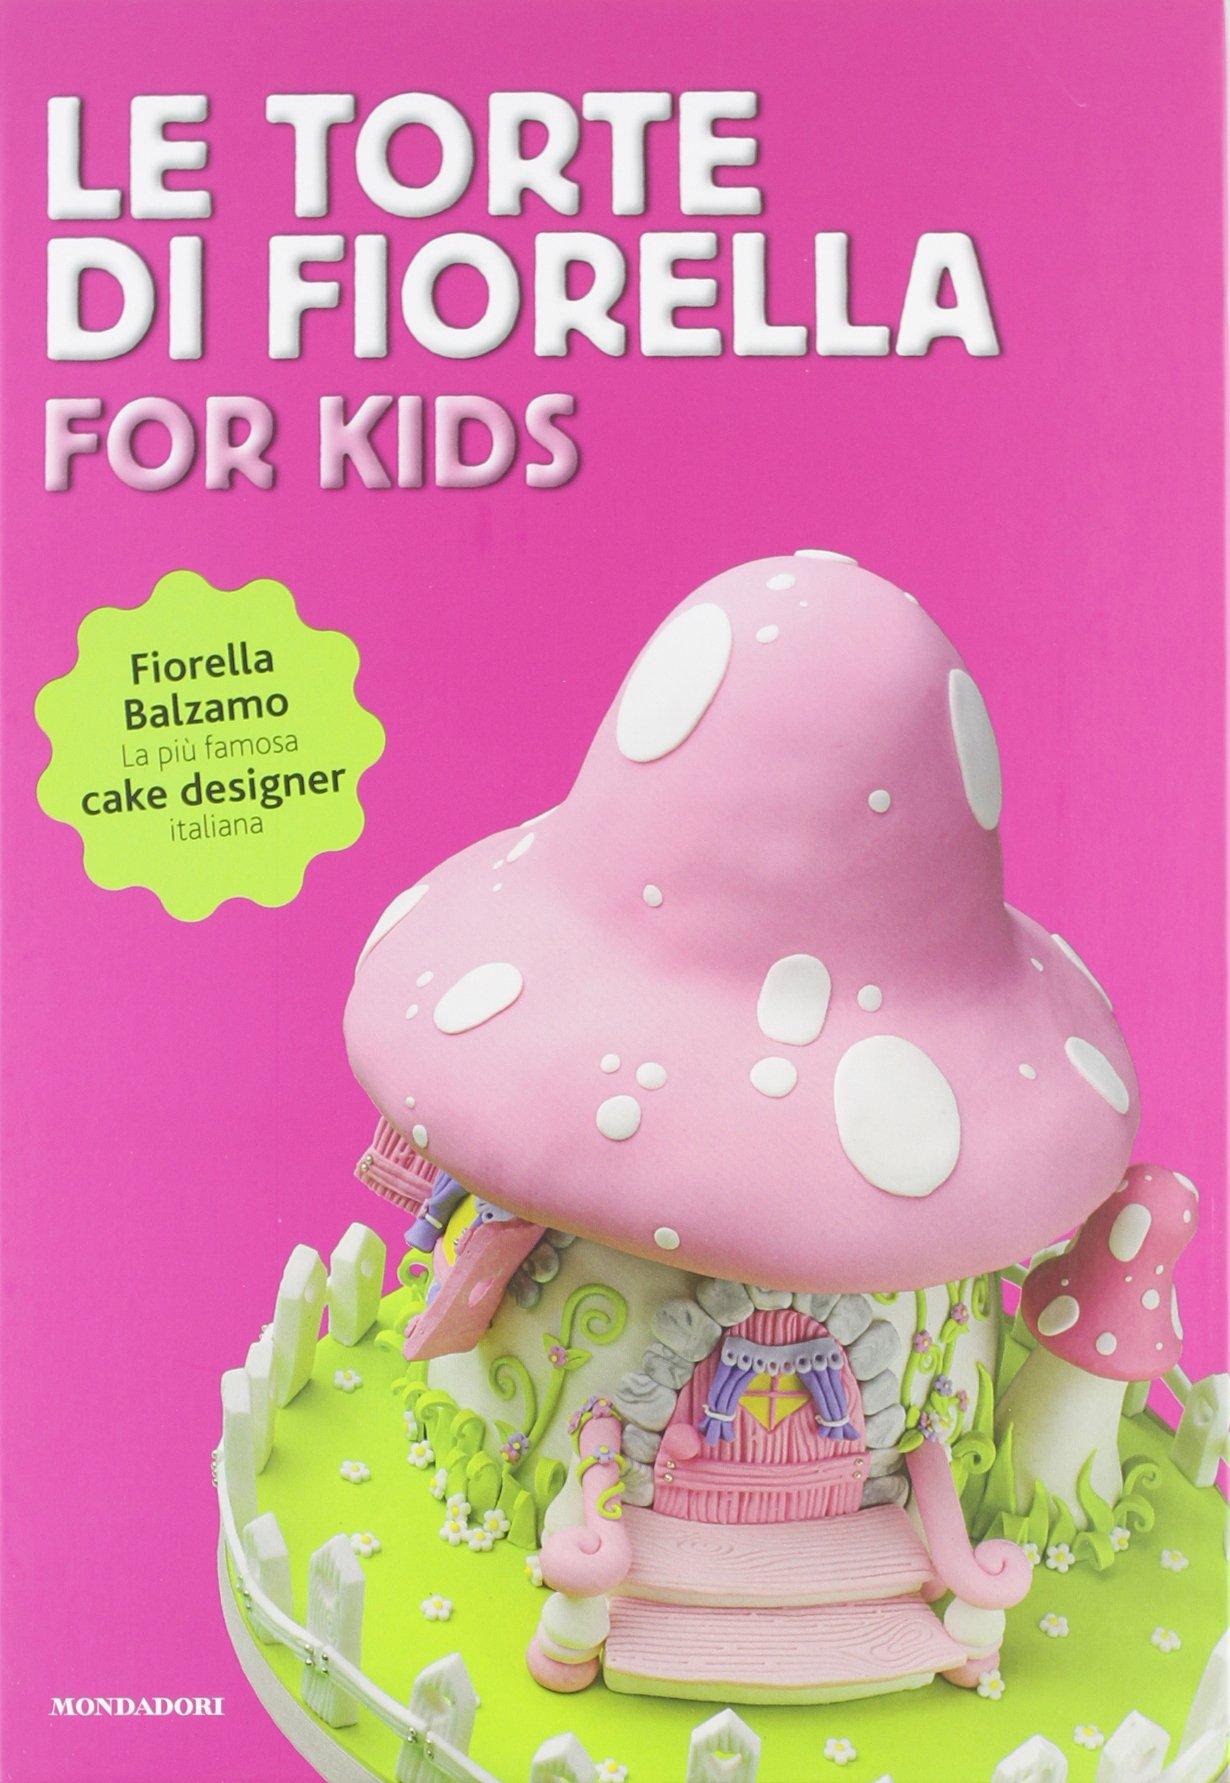 La Torte Di Fiorella for Kids